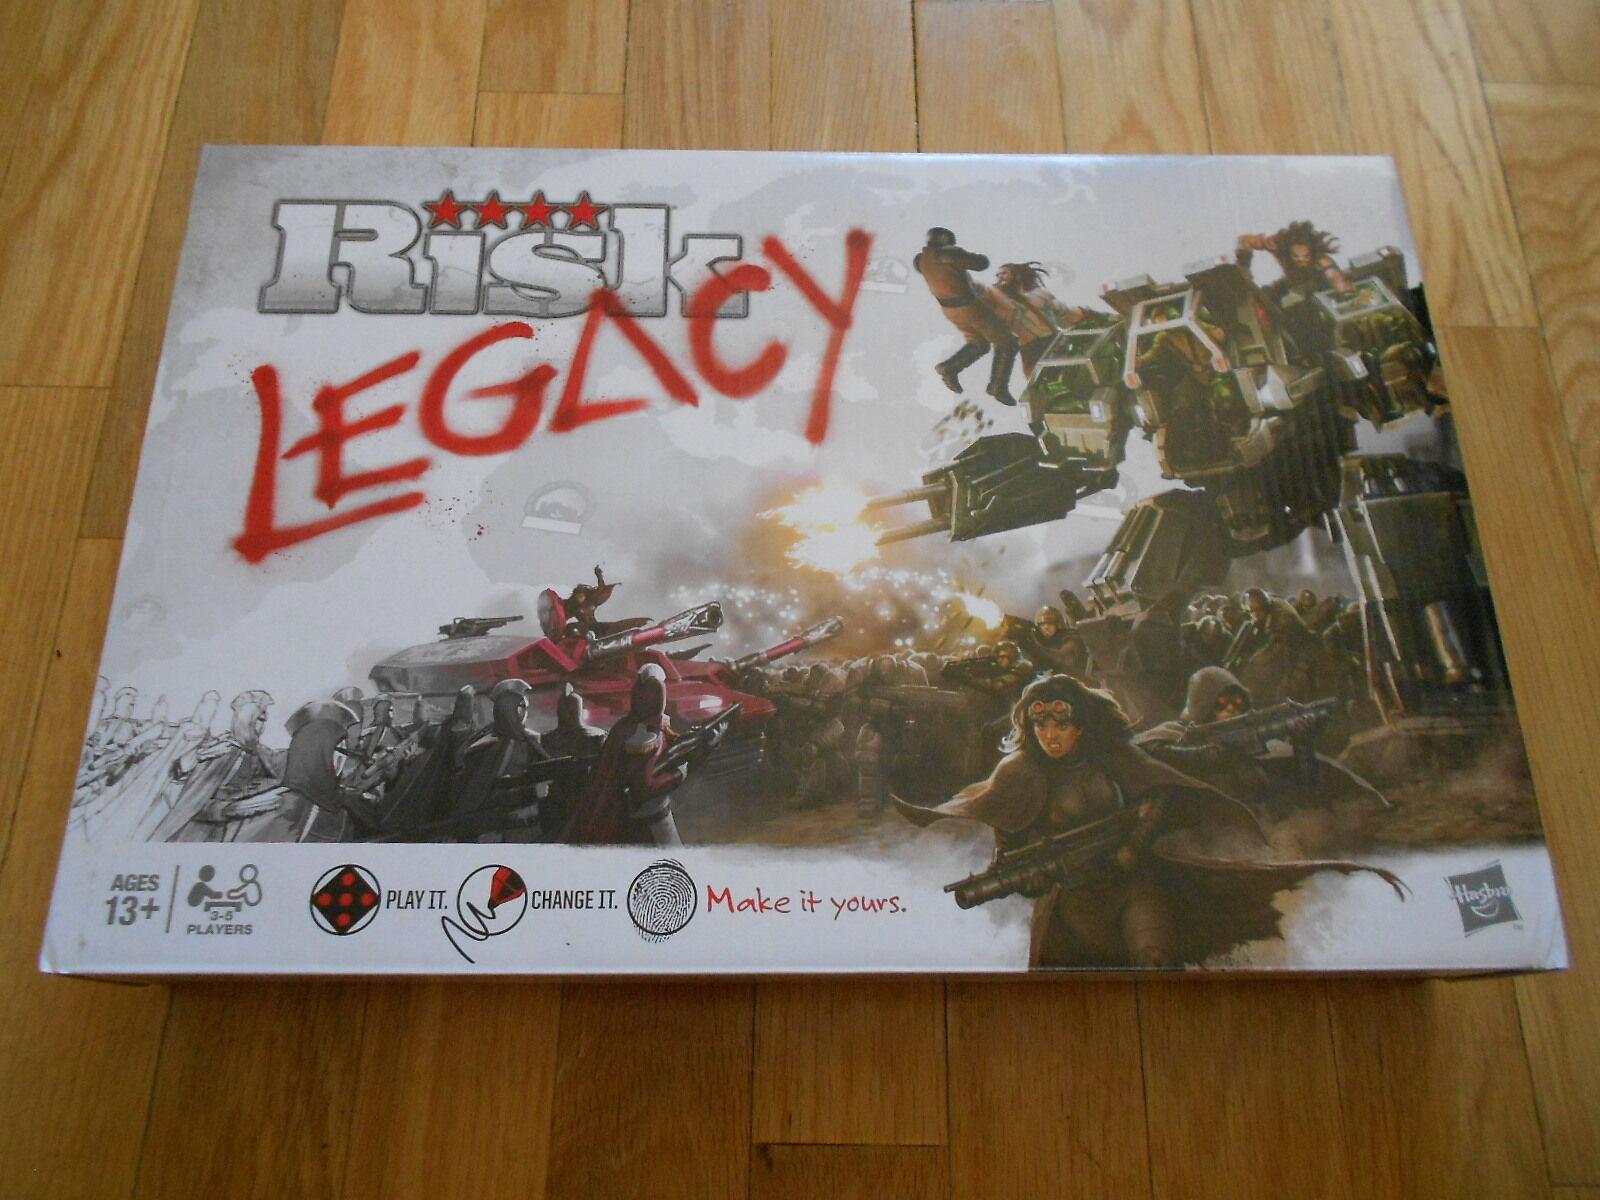 Gioco da Tavolo - Risk Legacy - Hasbro - Strategia -